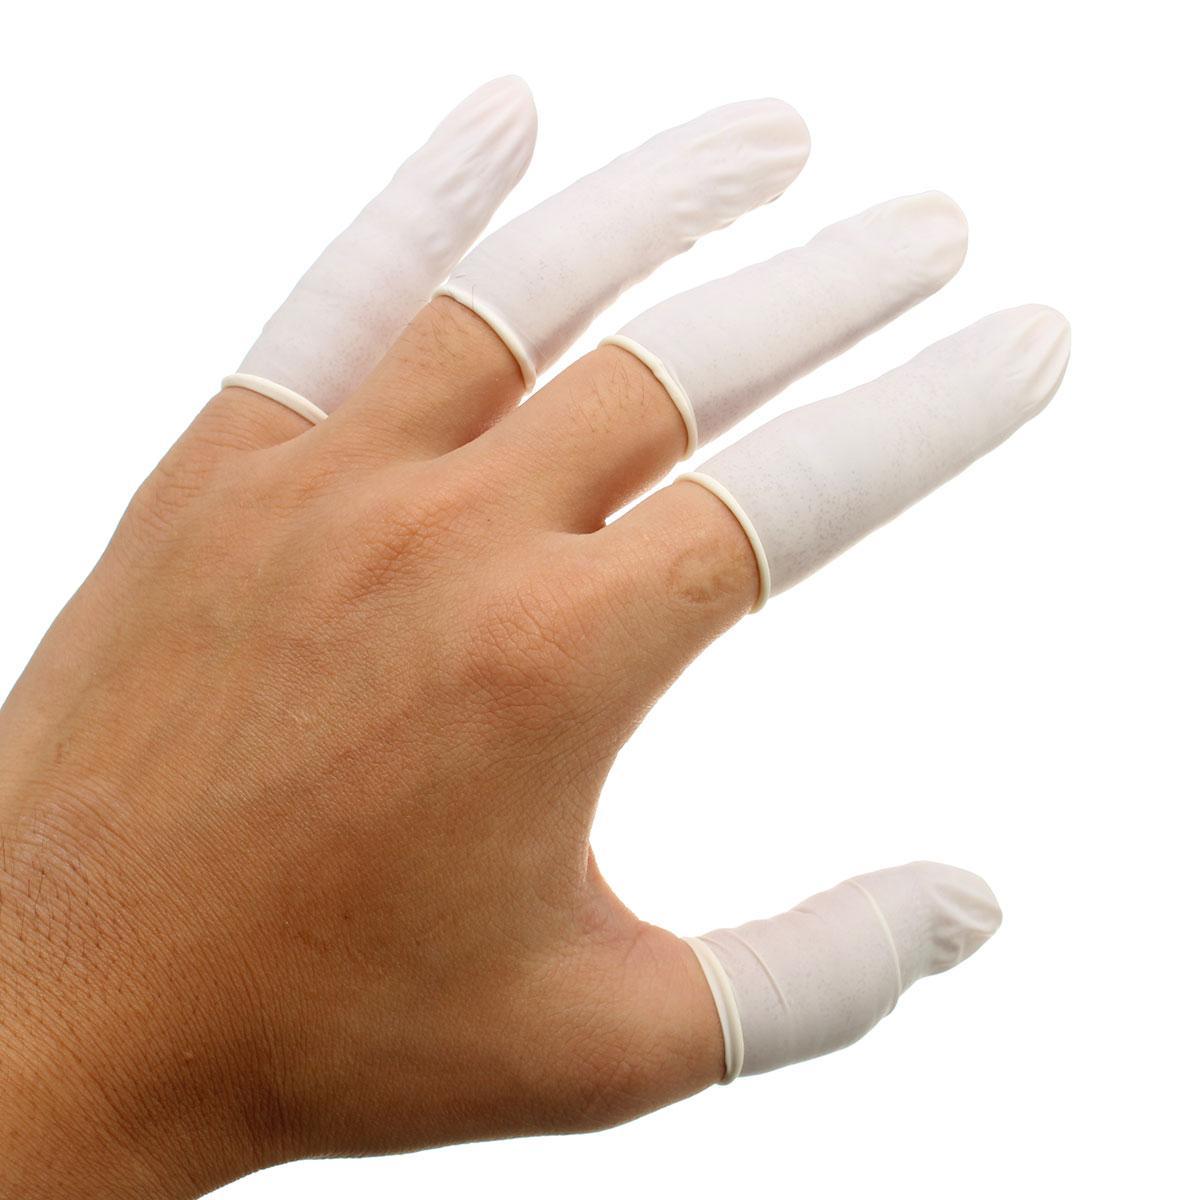 Bao ngón tay cao su không bột